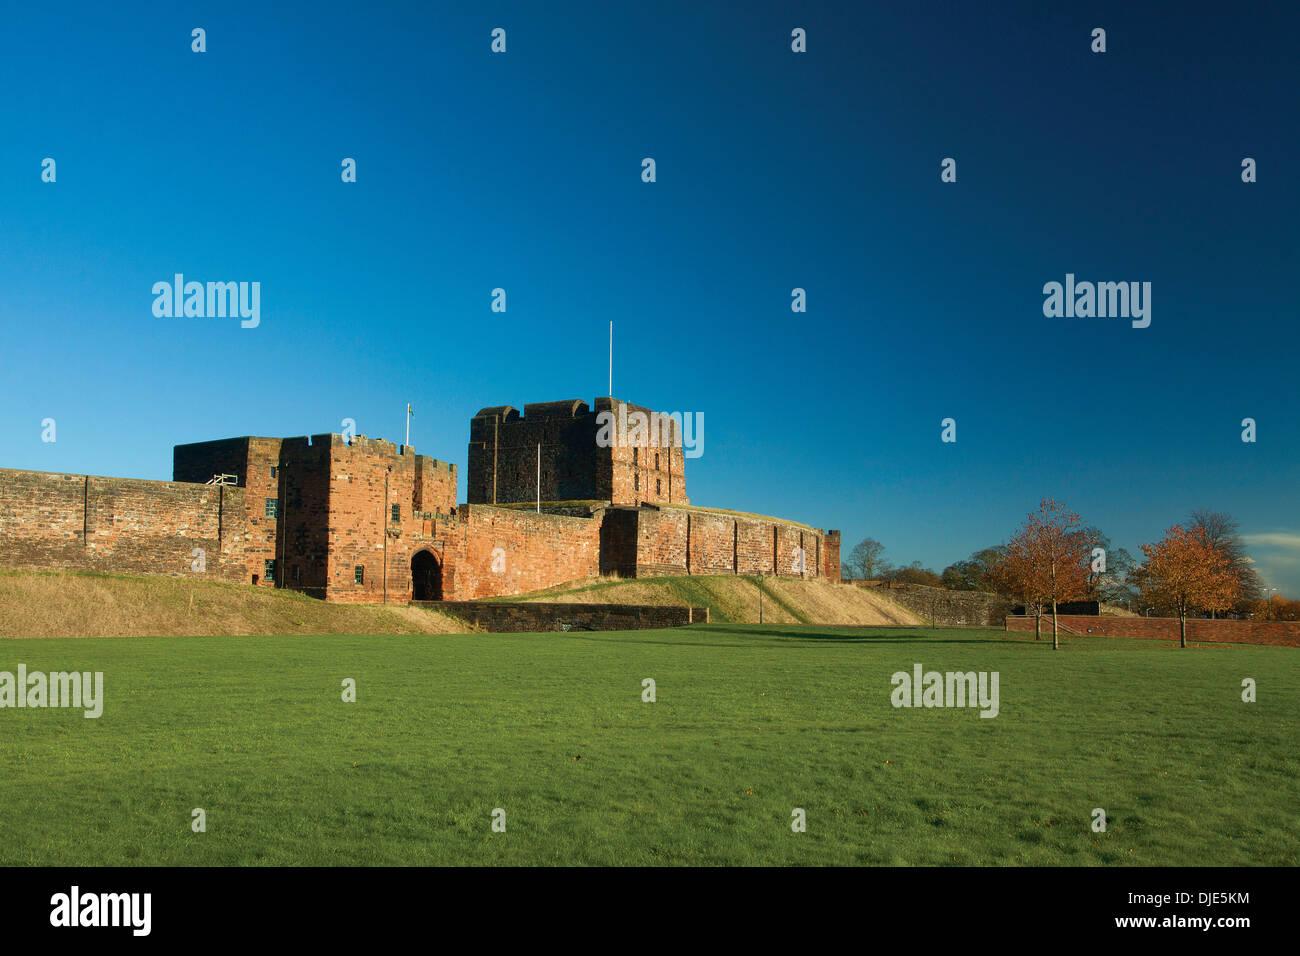 Carlisle Castle, Carlisle, Cumbria - Stock Image